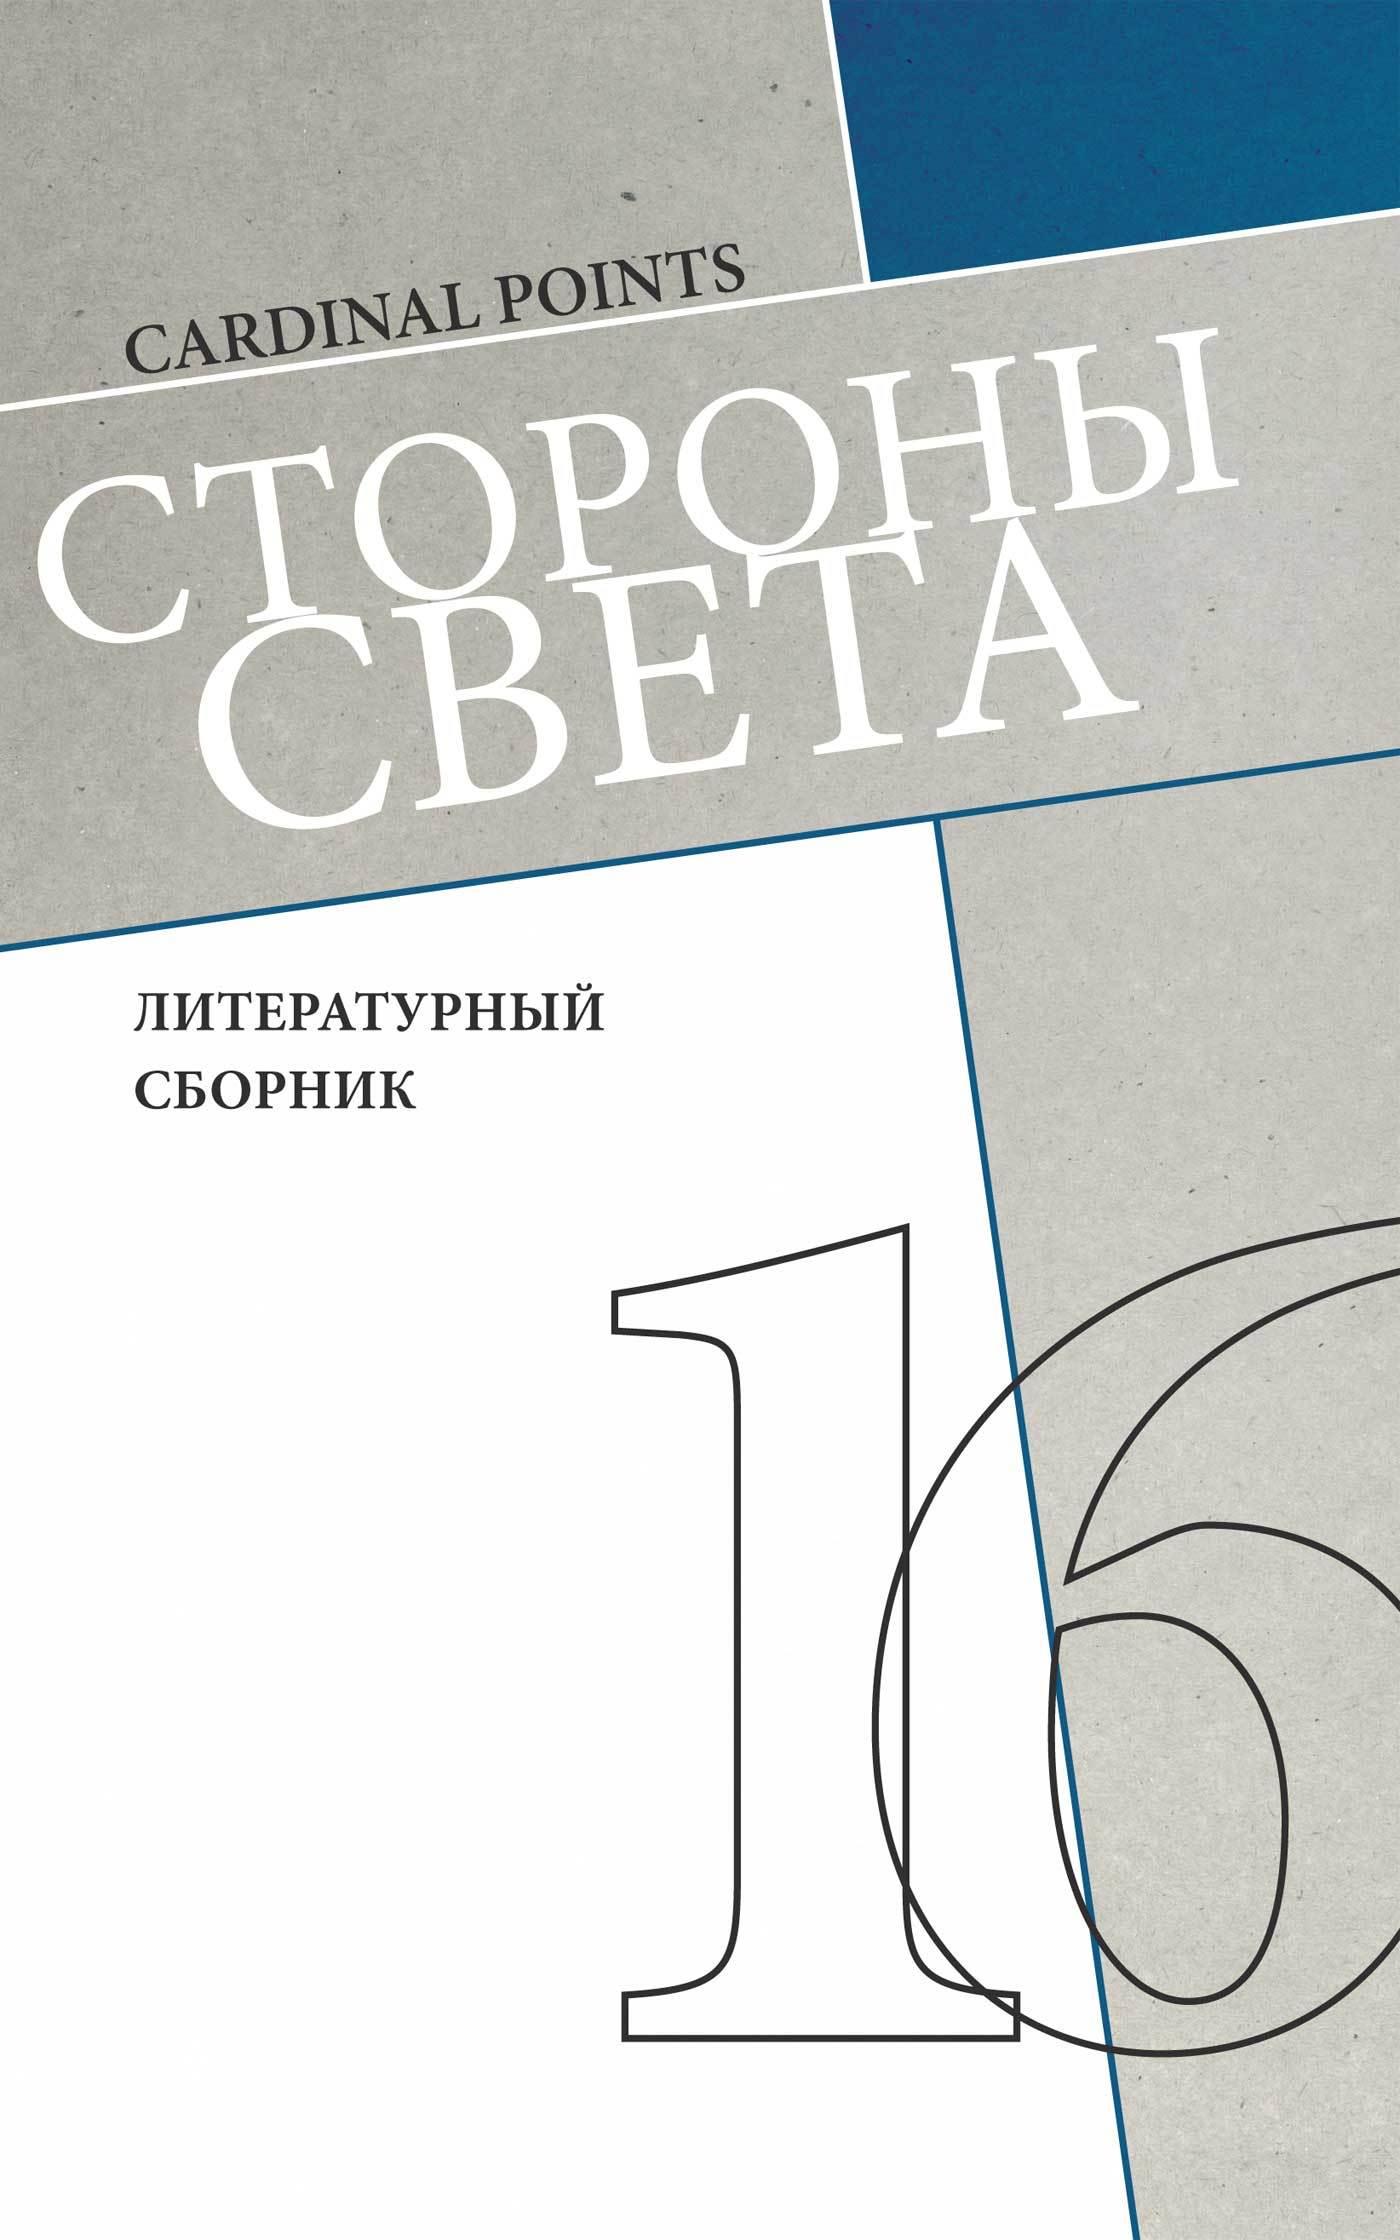 Стороны света (литературный сборник №16)